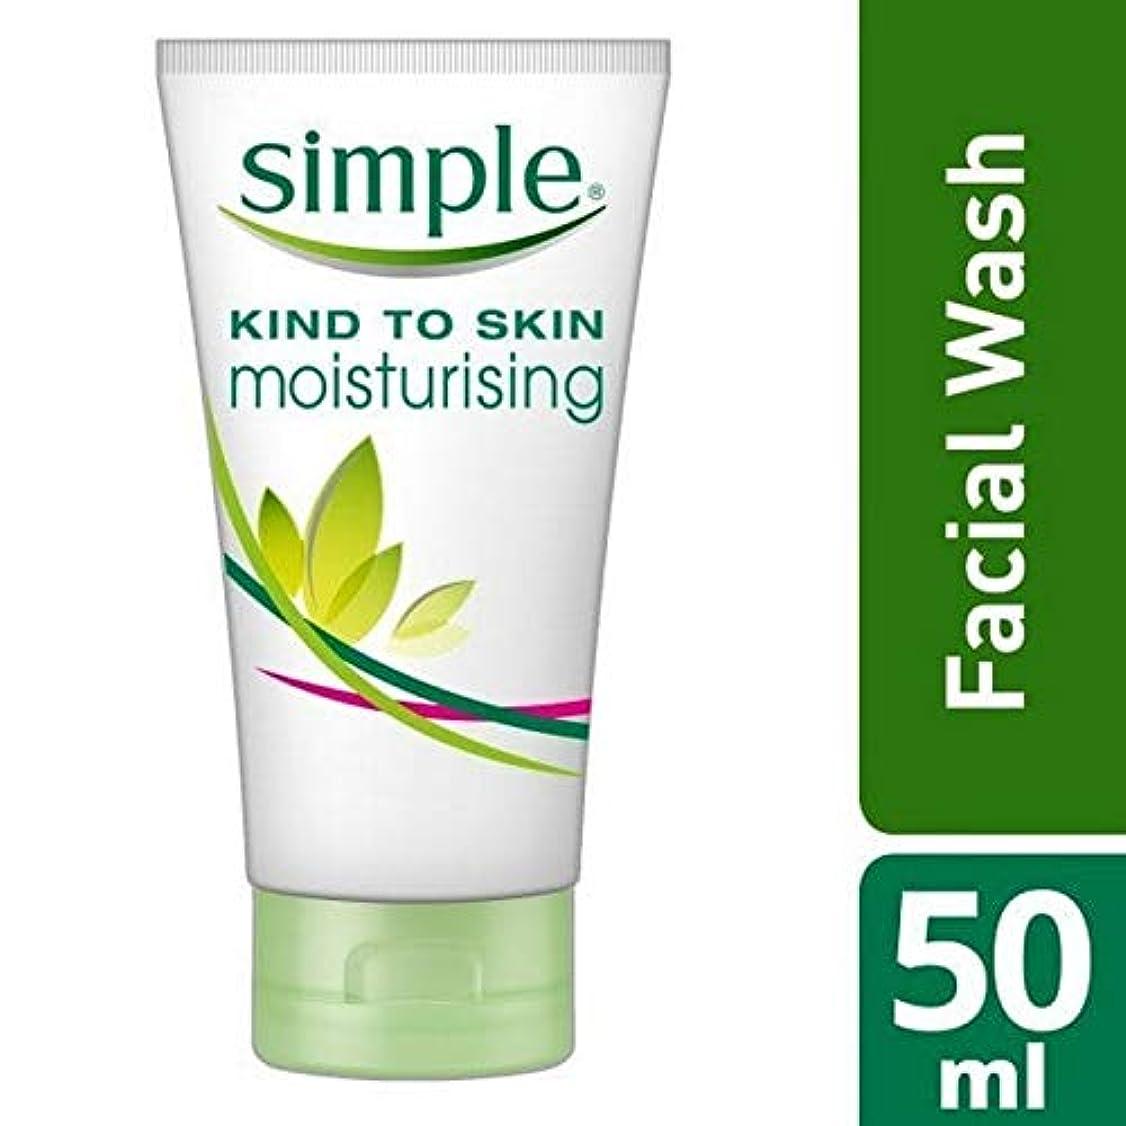 国民投票スクラップコレクション[Simple ] 洗顔50ミリリットルを保湿肌への単純な種類 - Simple Kind To Skin Moisturising Facial Wash 50ml [並行輸入品]